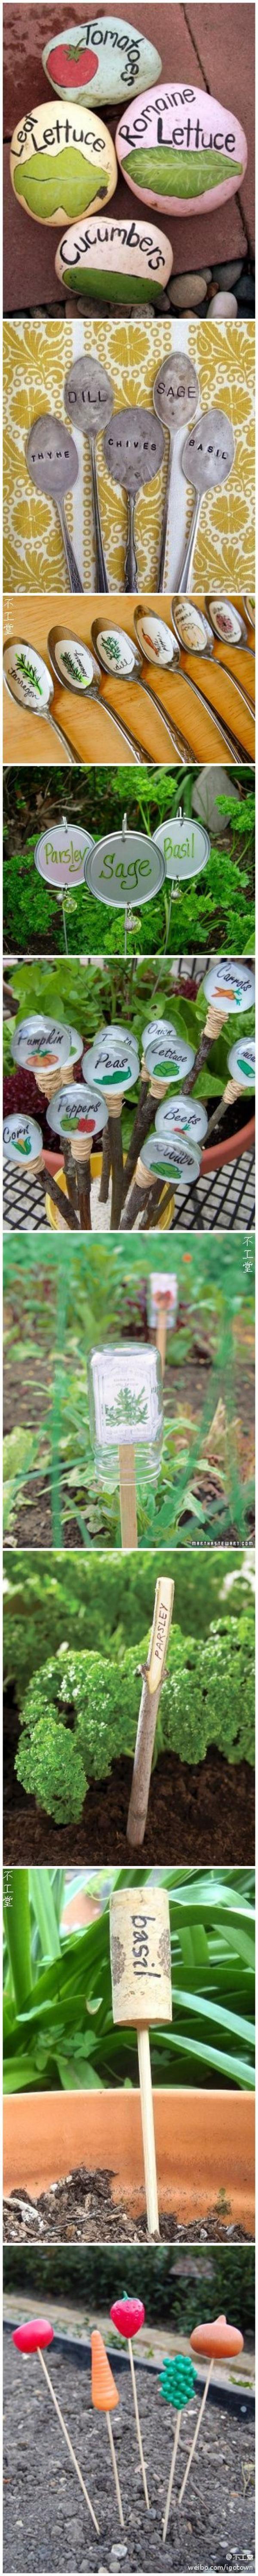 Comment faire des repères originaux pour les semis.